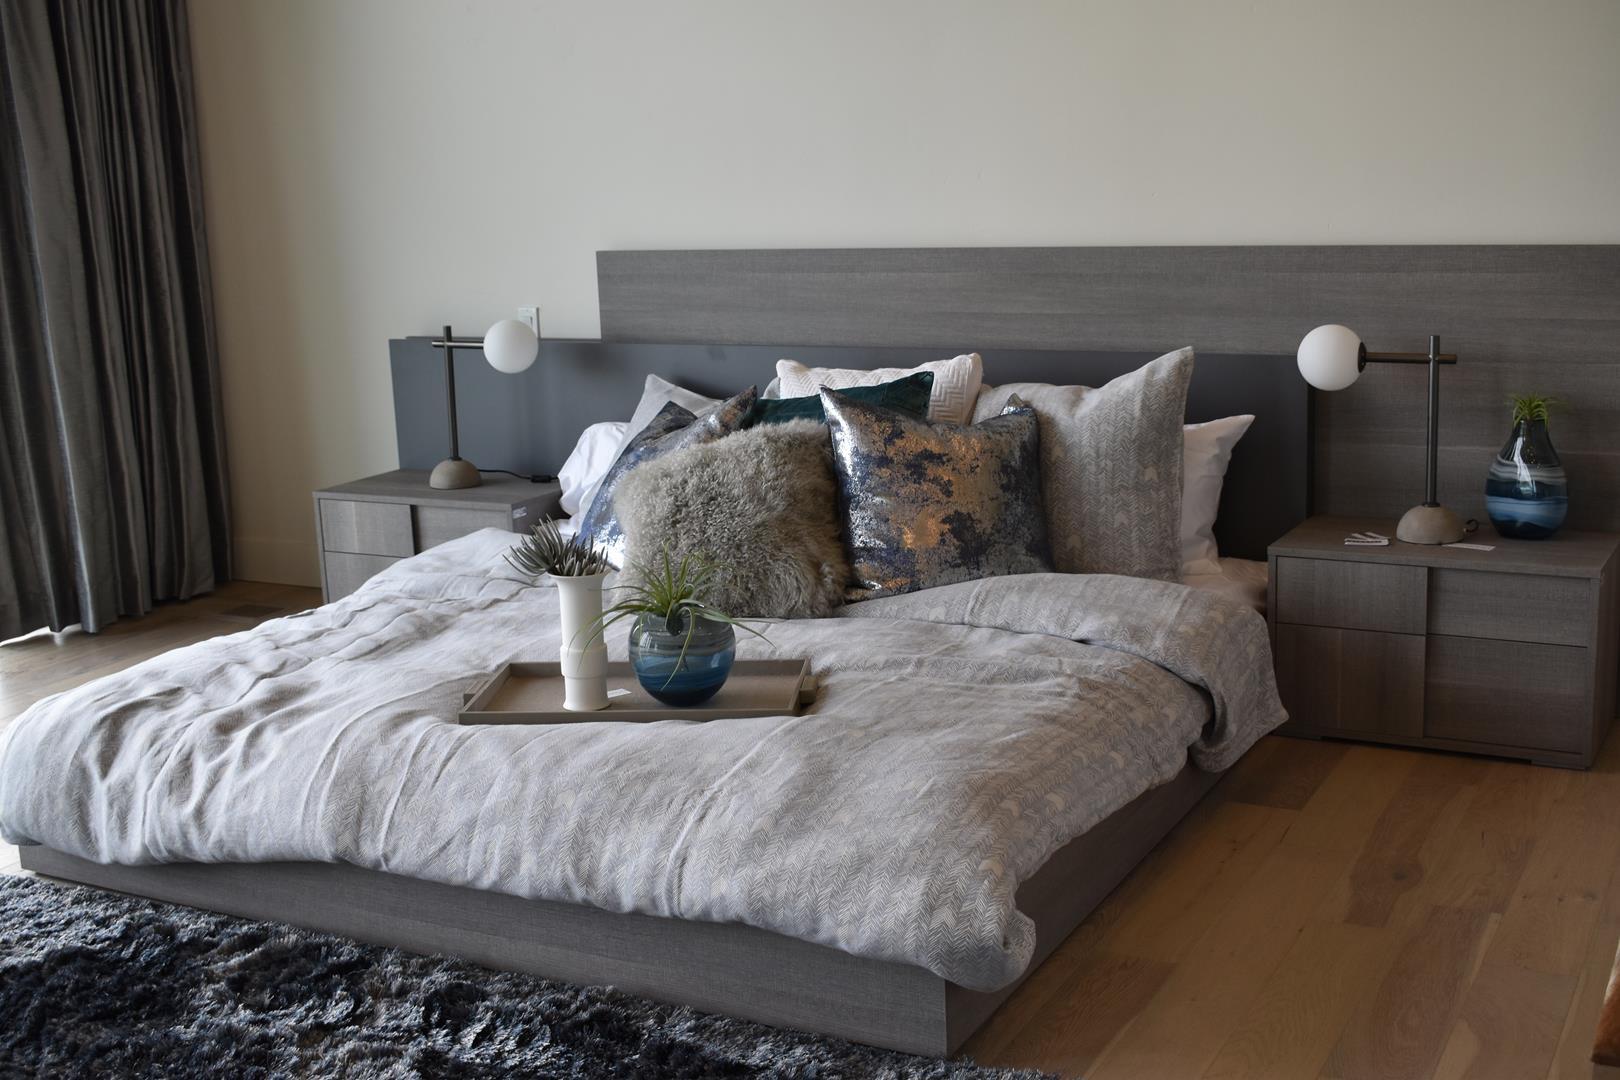 bed-2868330 (Copy)